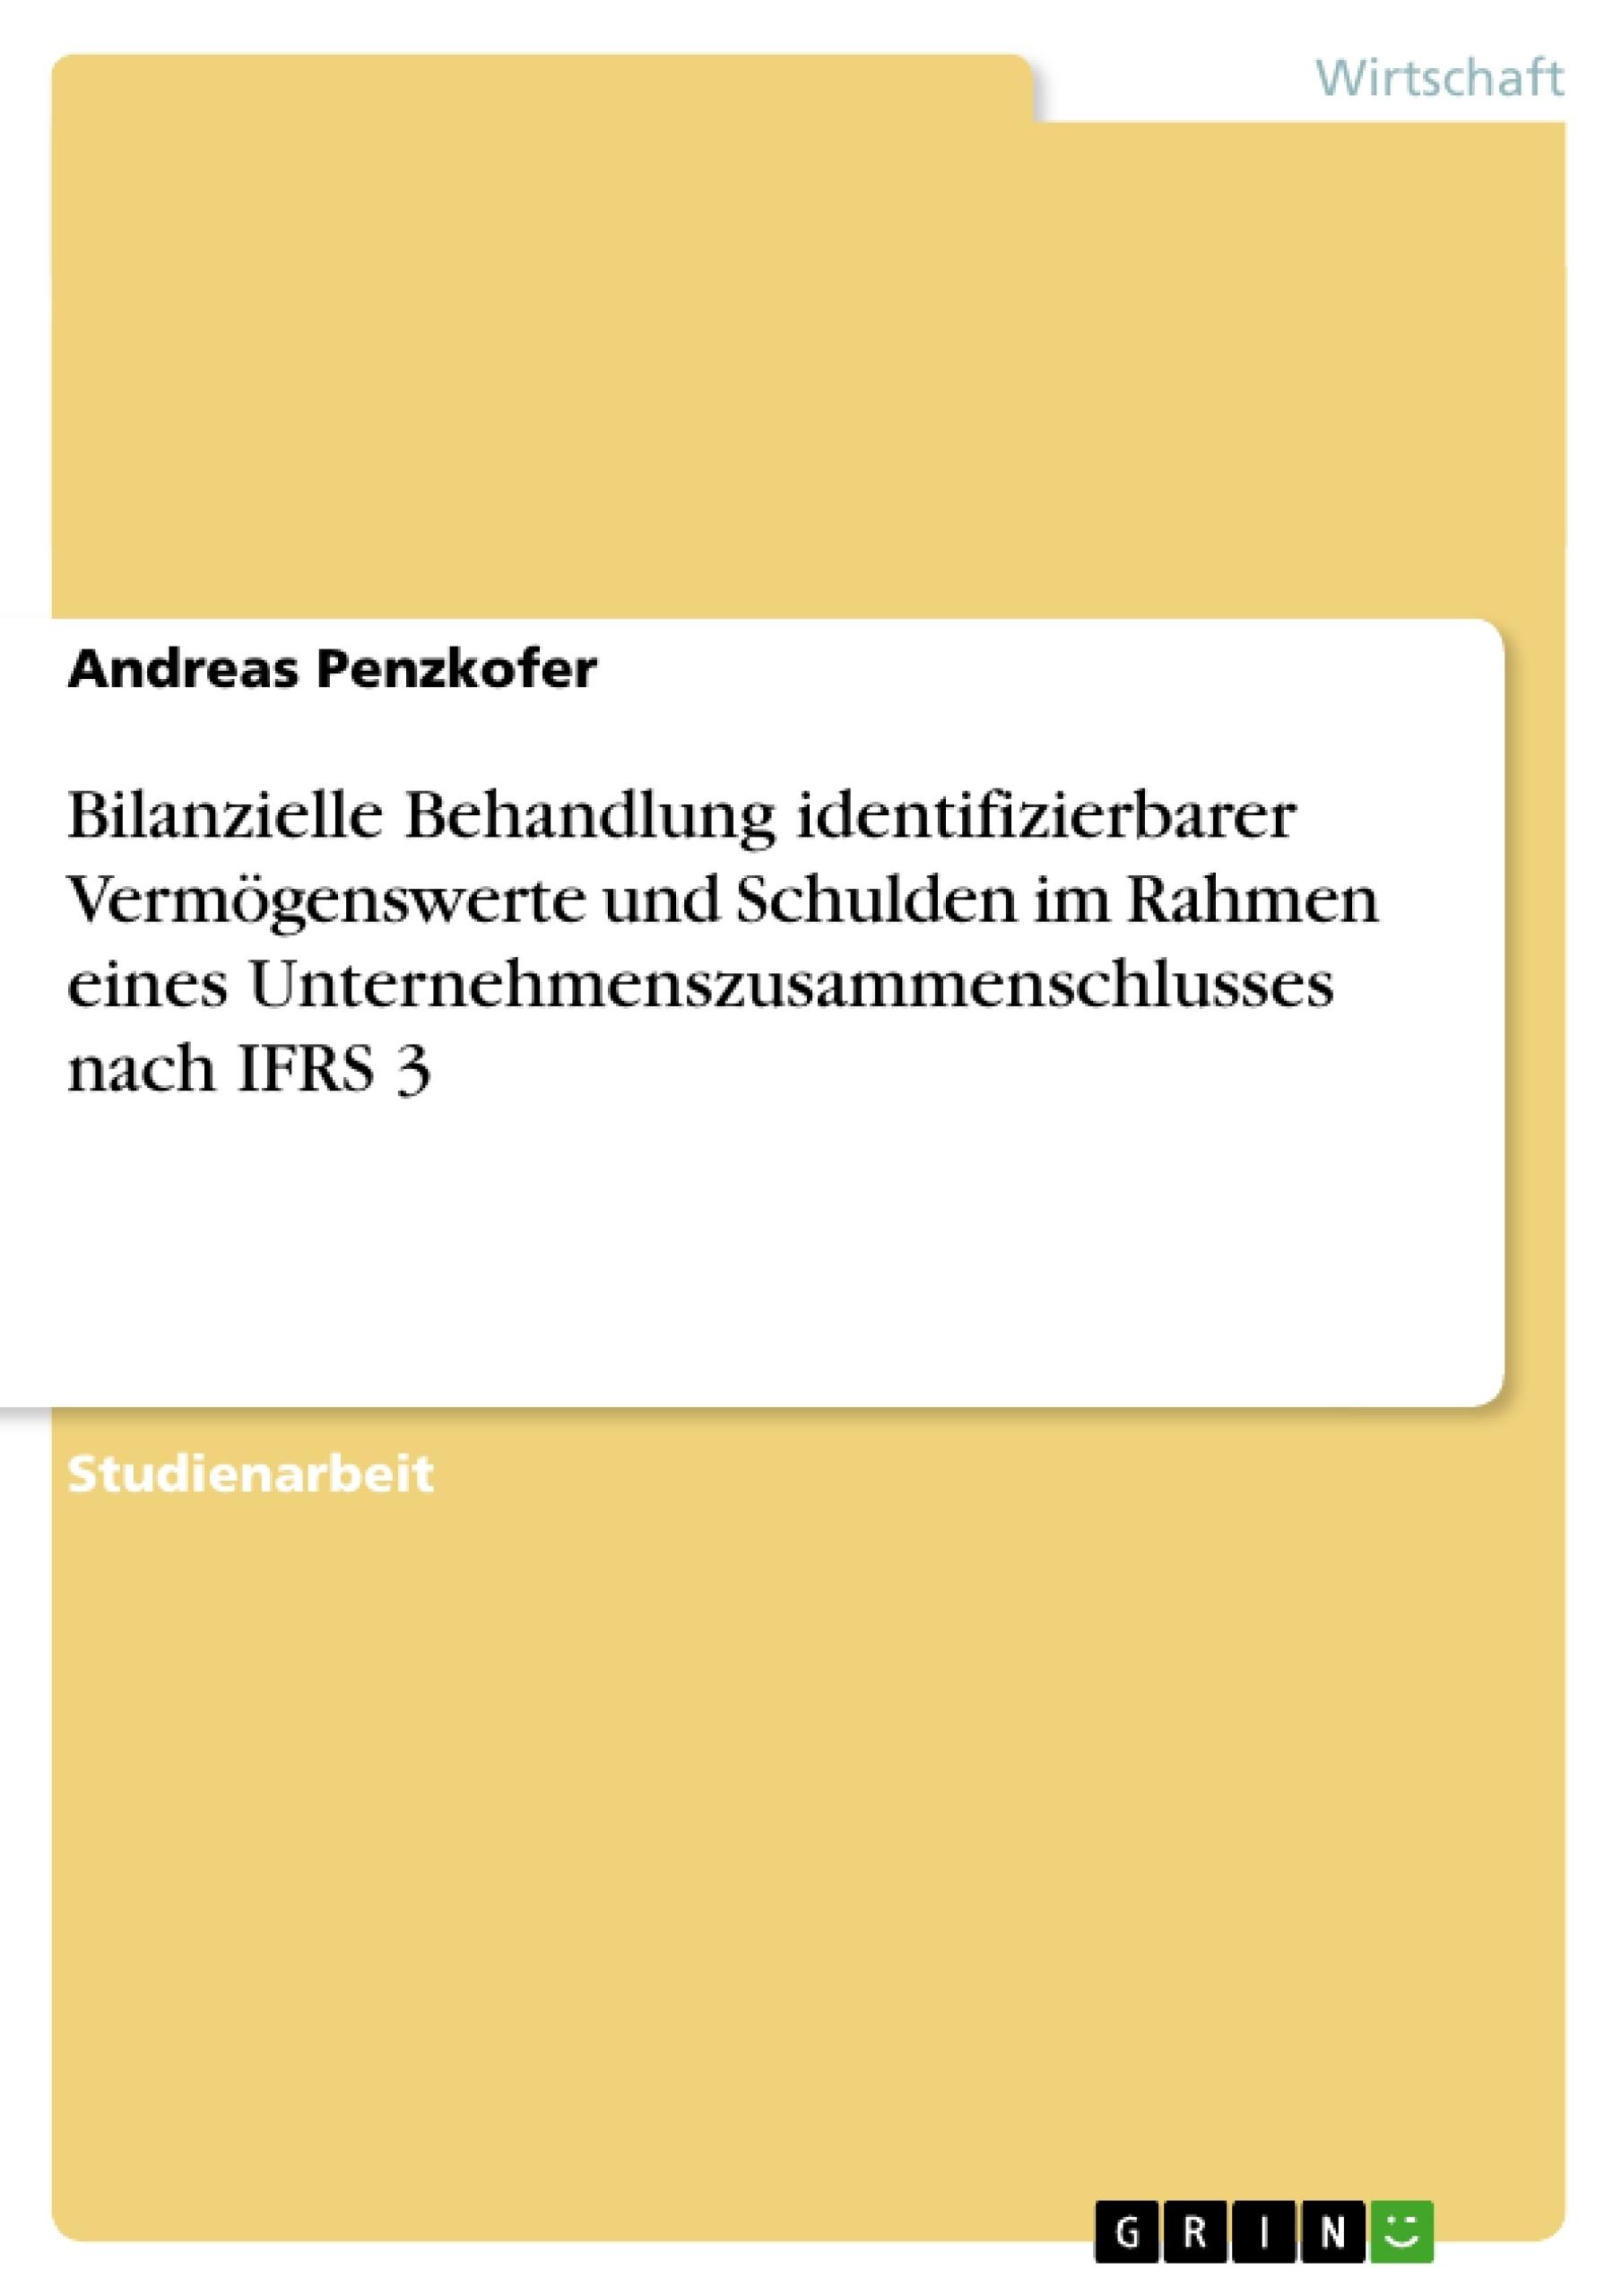 Titel: Bilanzielle Behandlung identifizierbarer Vermögenswerte und Schulden im Rahmen eines Unternehmenszusammenschlusses nach IFRS 3